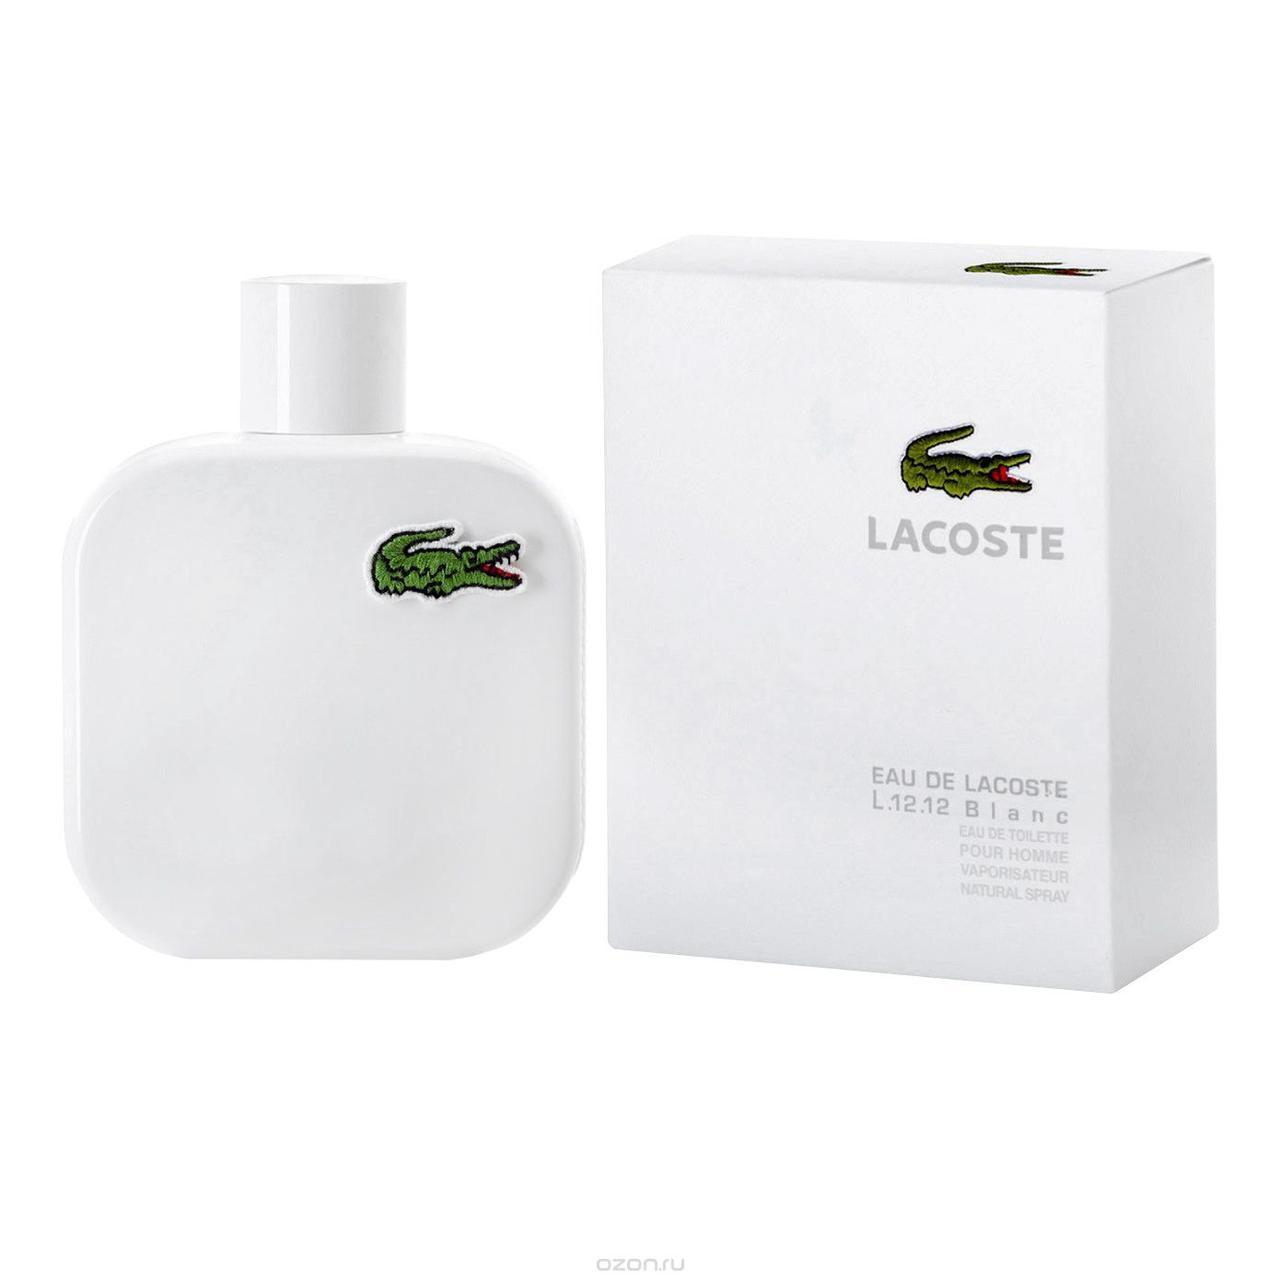 Lacoste Eau De L.12.12 Blanc Pour Homme edt 30ml